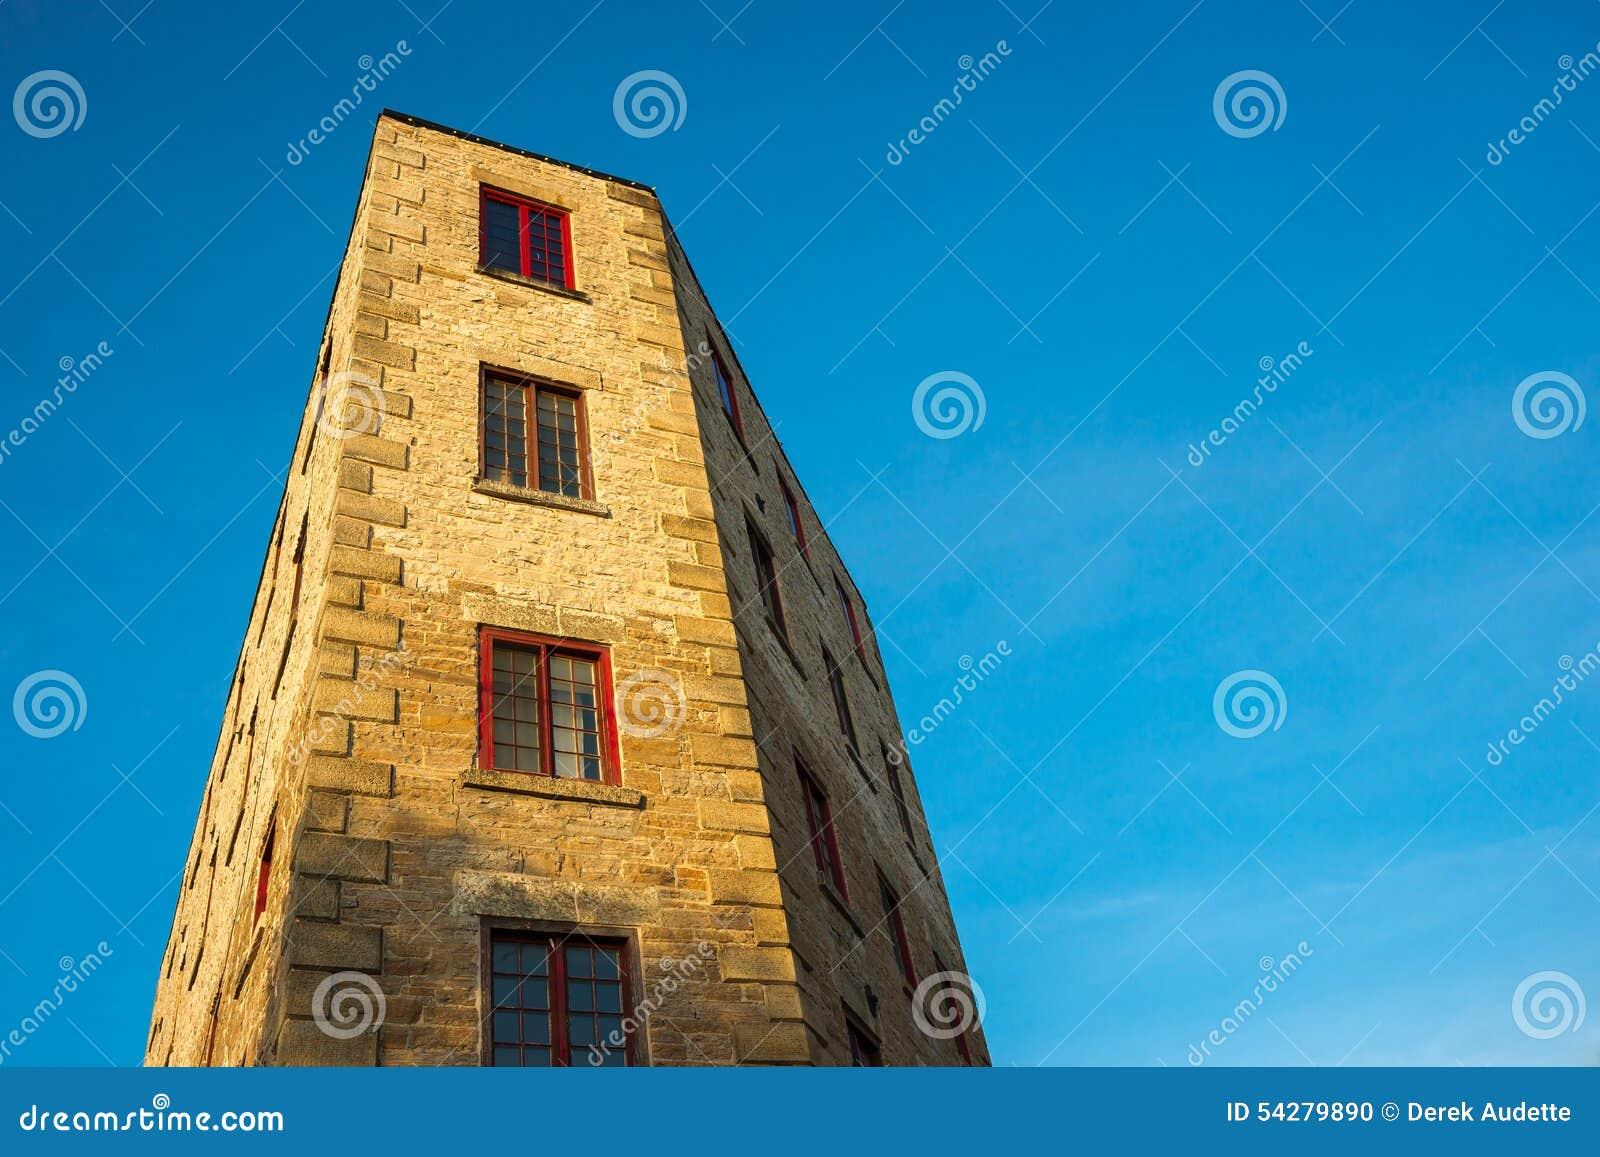 Underligt formad byggnad mot blå himmel